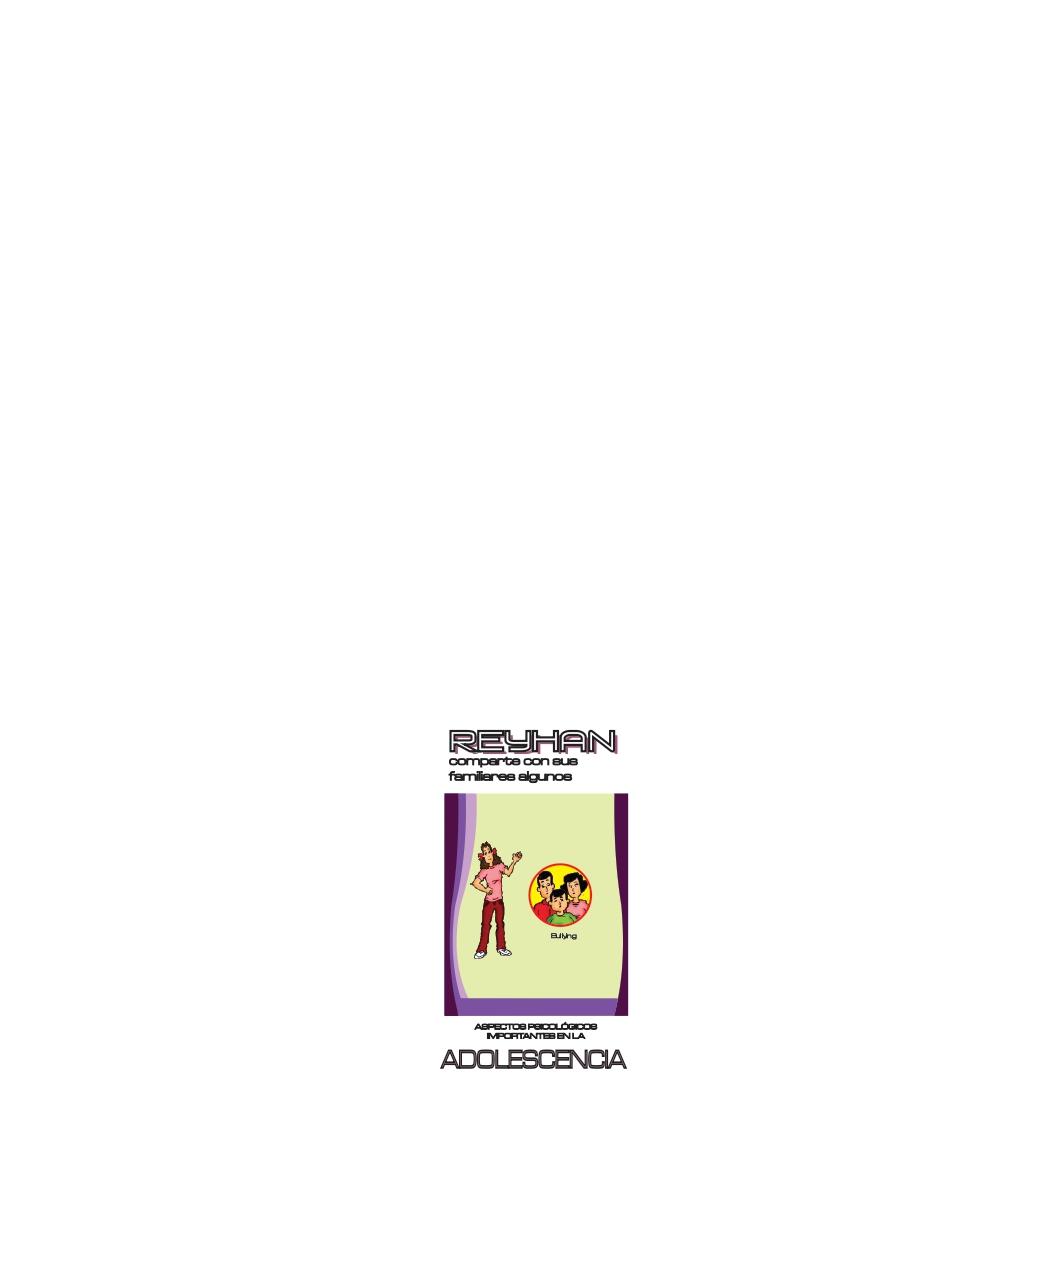 Psicología padres Reyhan cap3 digital_page-0023